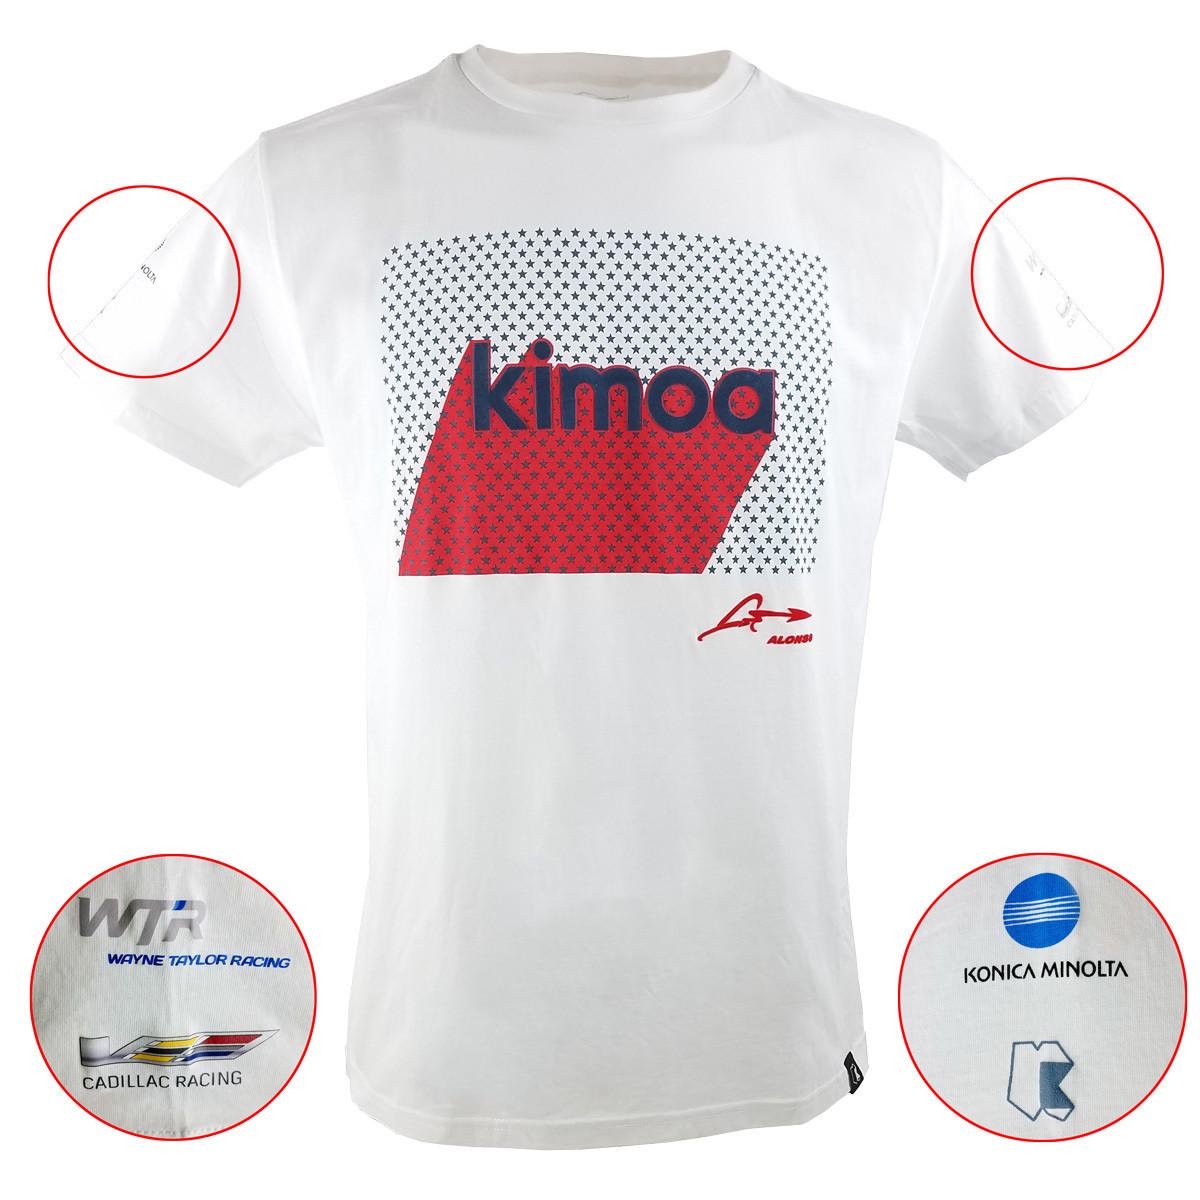 Kimoa/Alfonso Tee - White